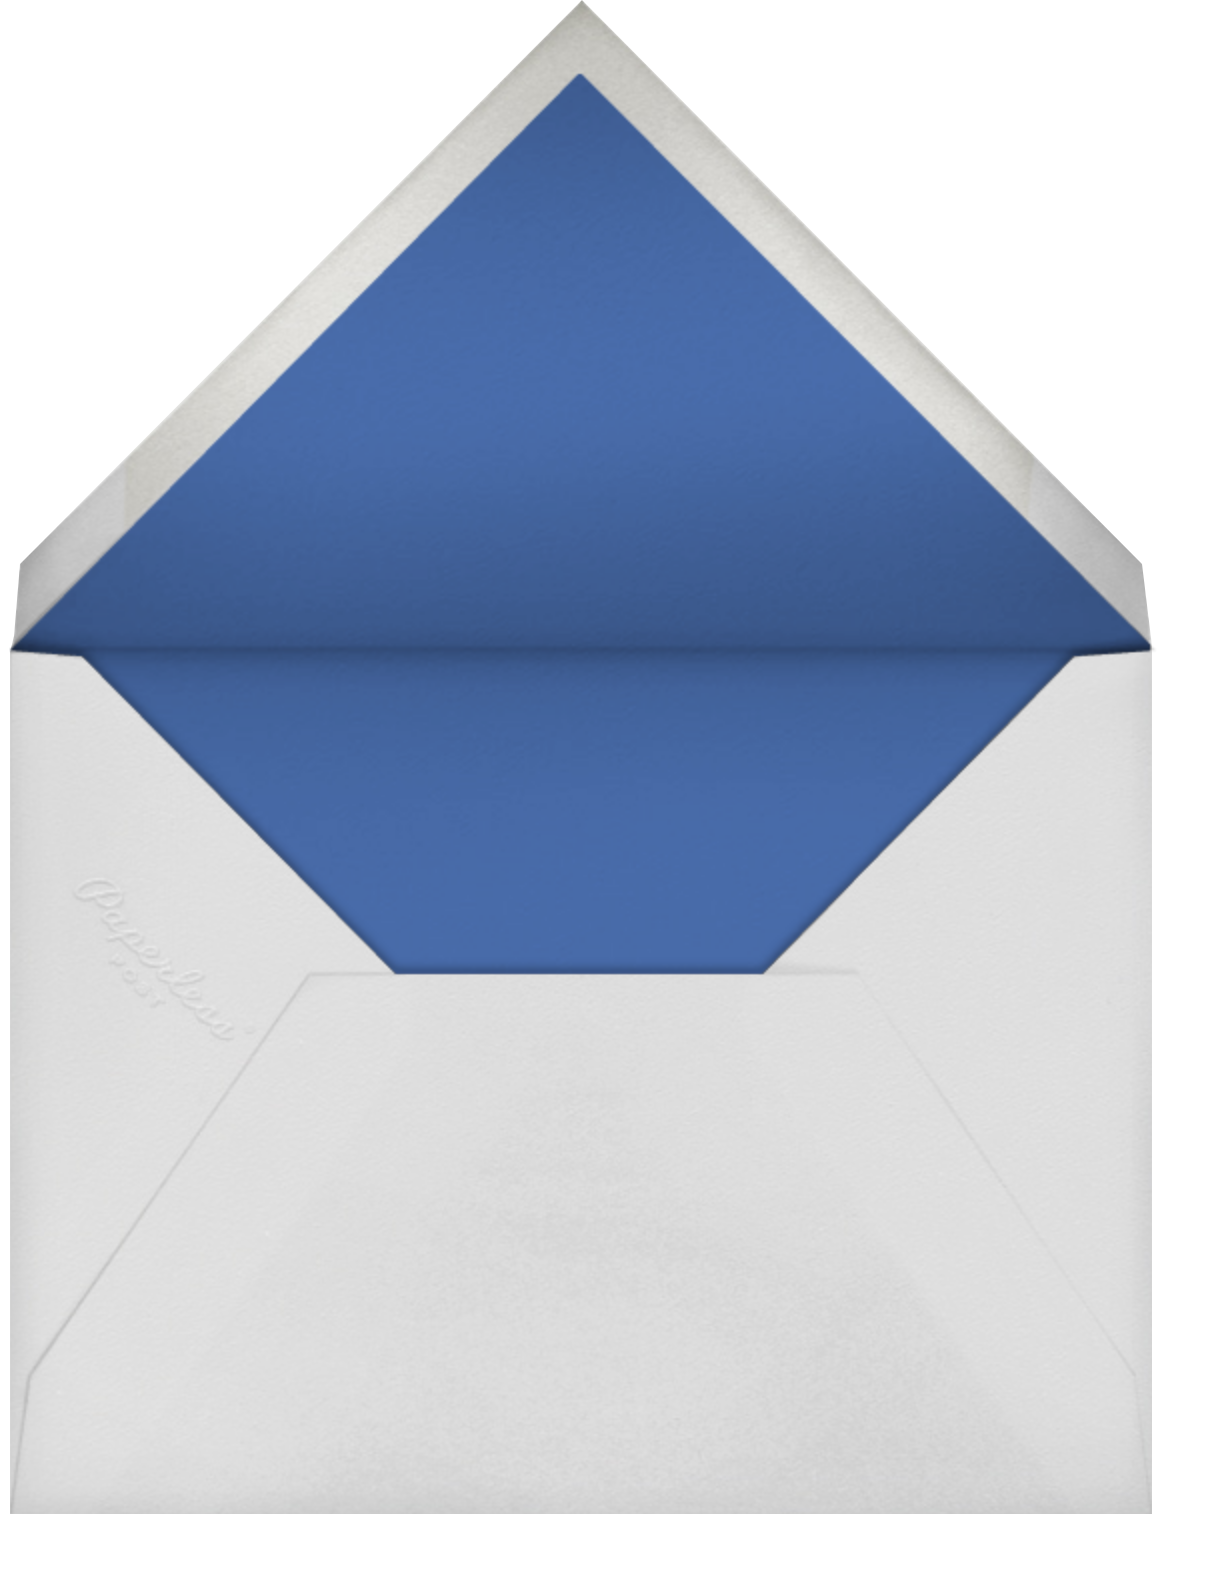 Floral Trellis I (Stationery) - Regent Blue - Oscar de la Renta - Envelope